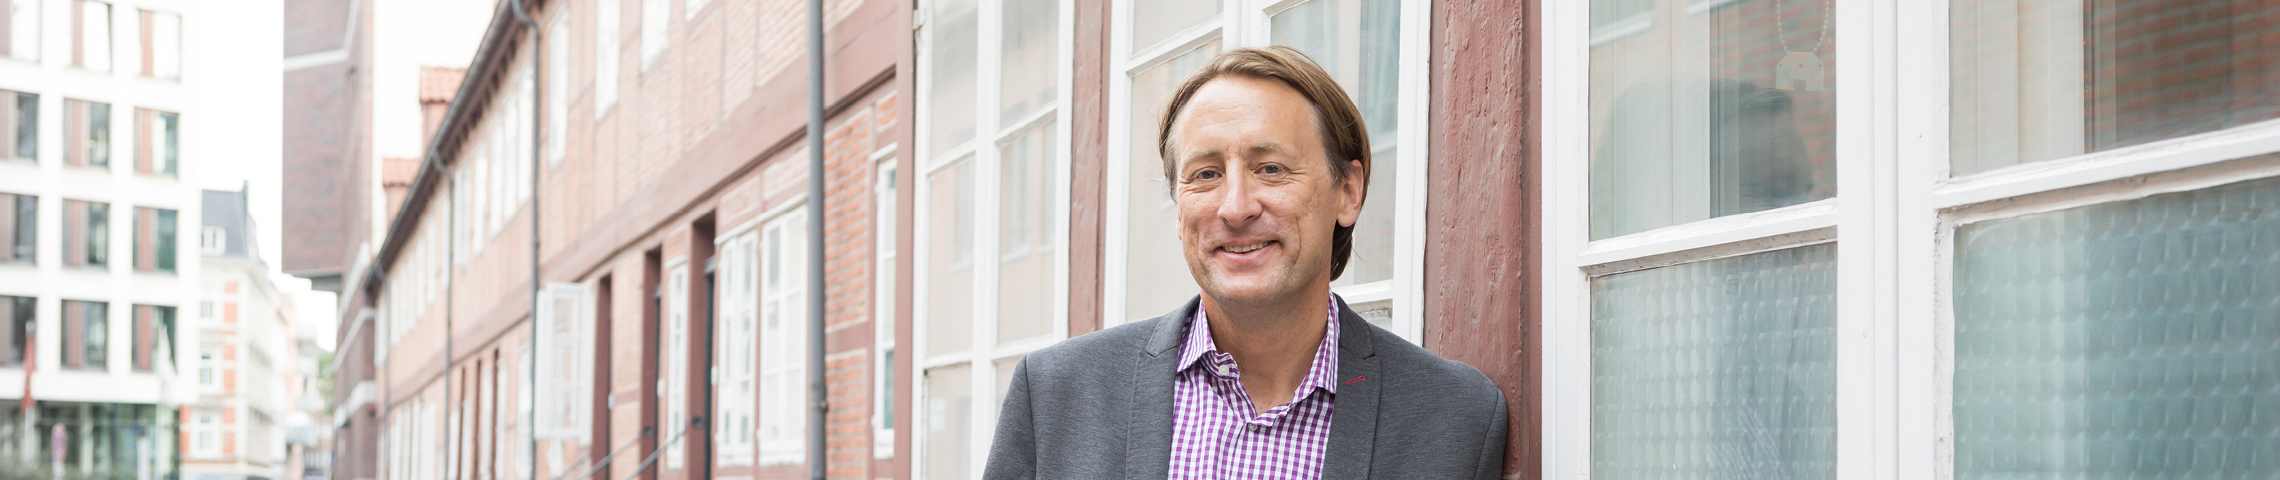 Thorsten Visbal Mediation Konfliktlösung